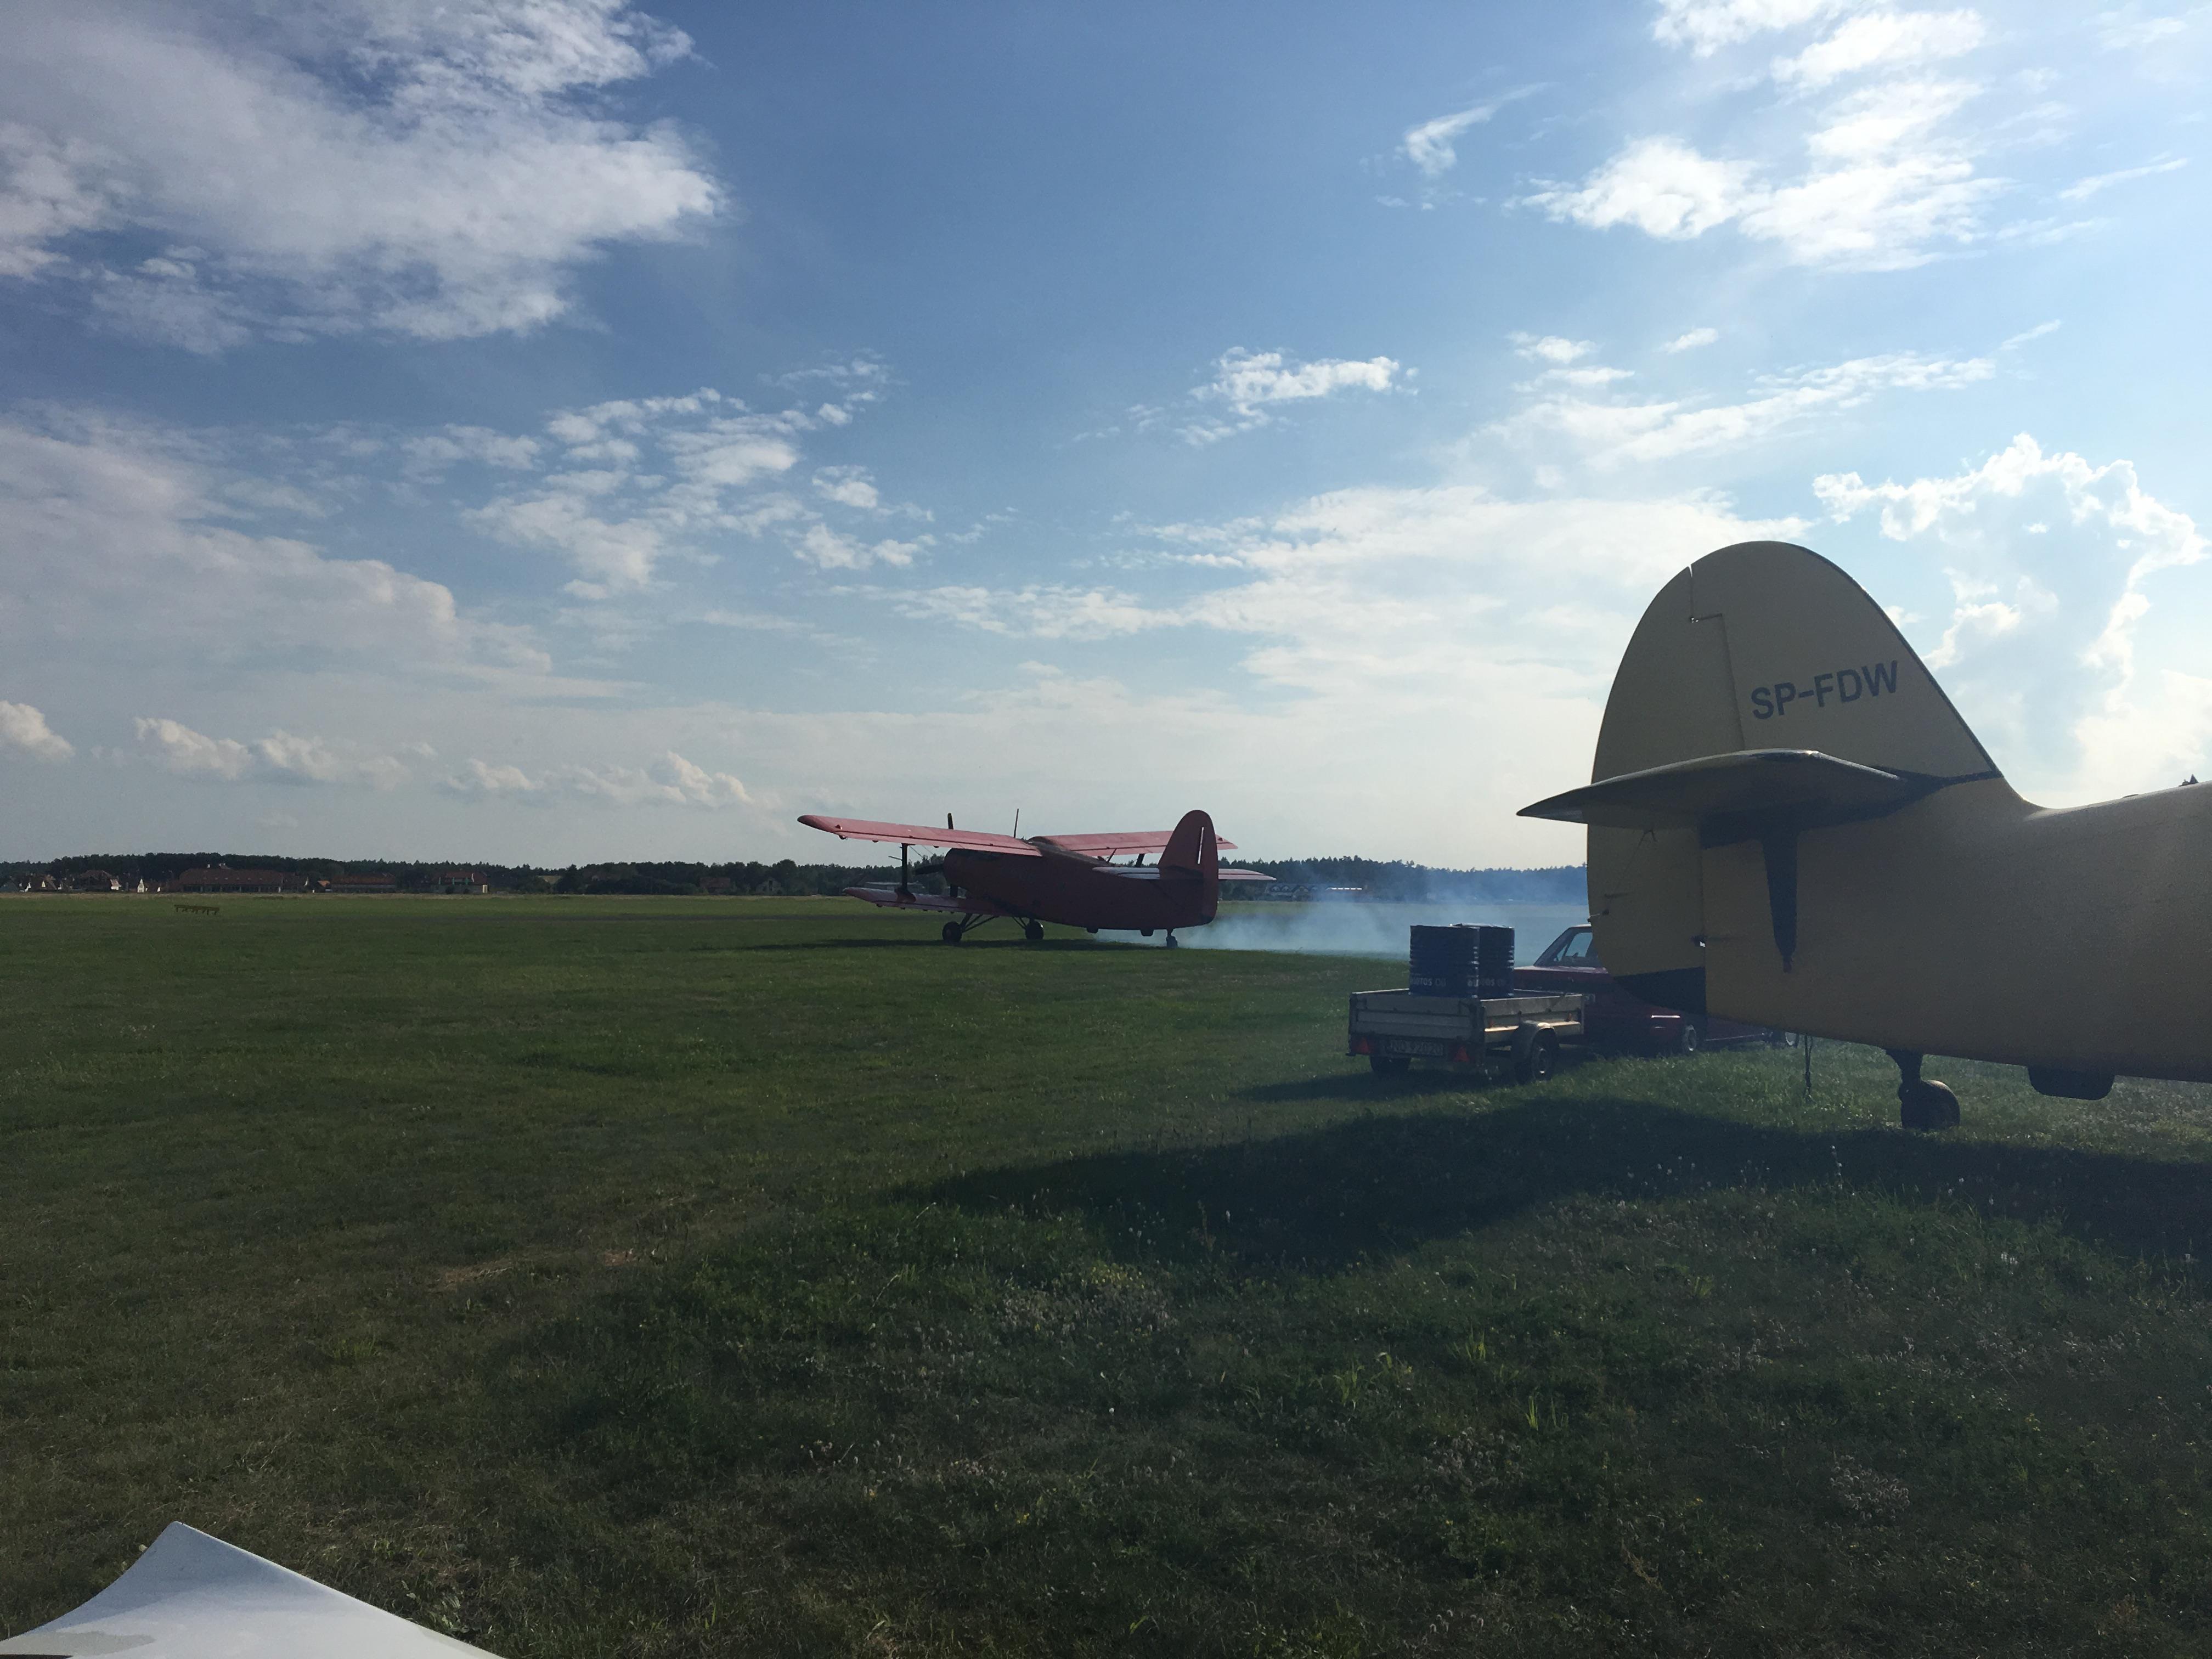 Przygotowujący się do startu An-2 na lotnisku Olsztyn-Dajtki